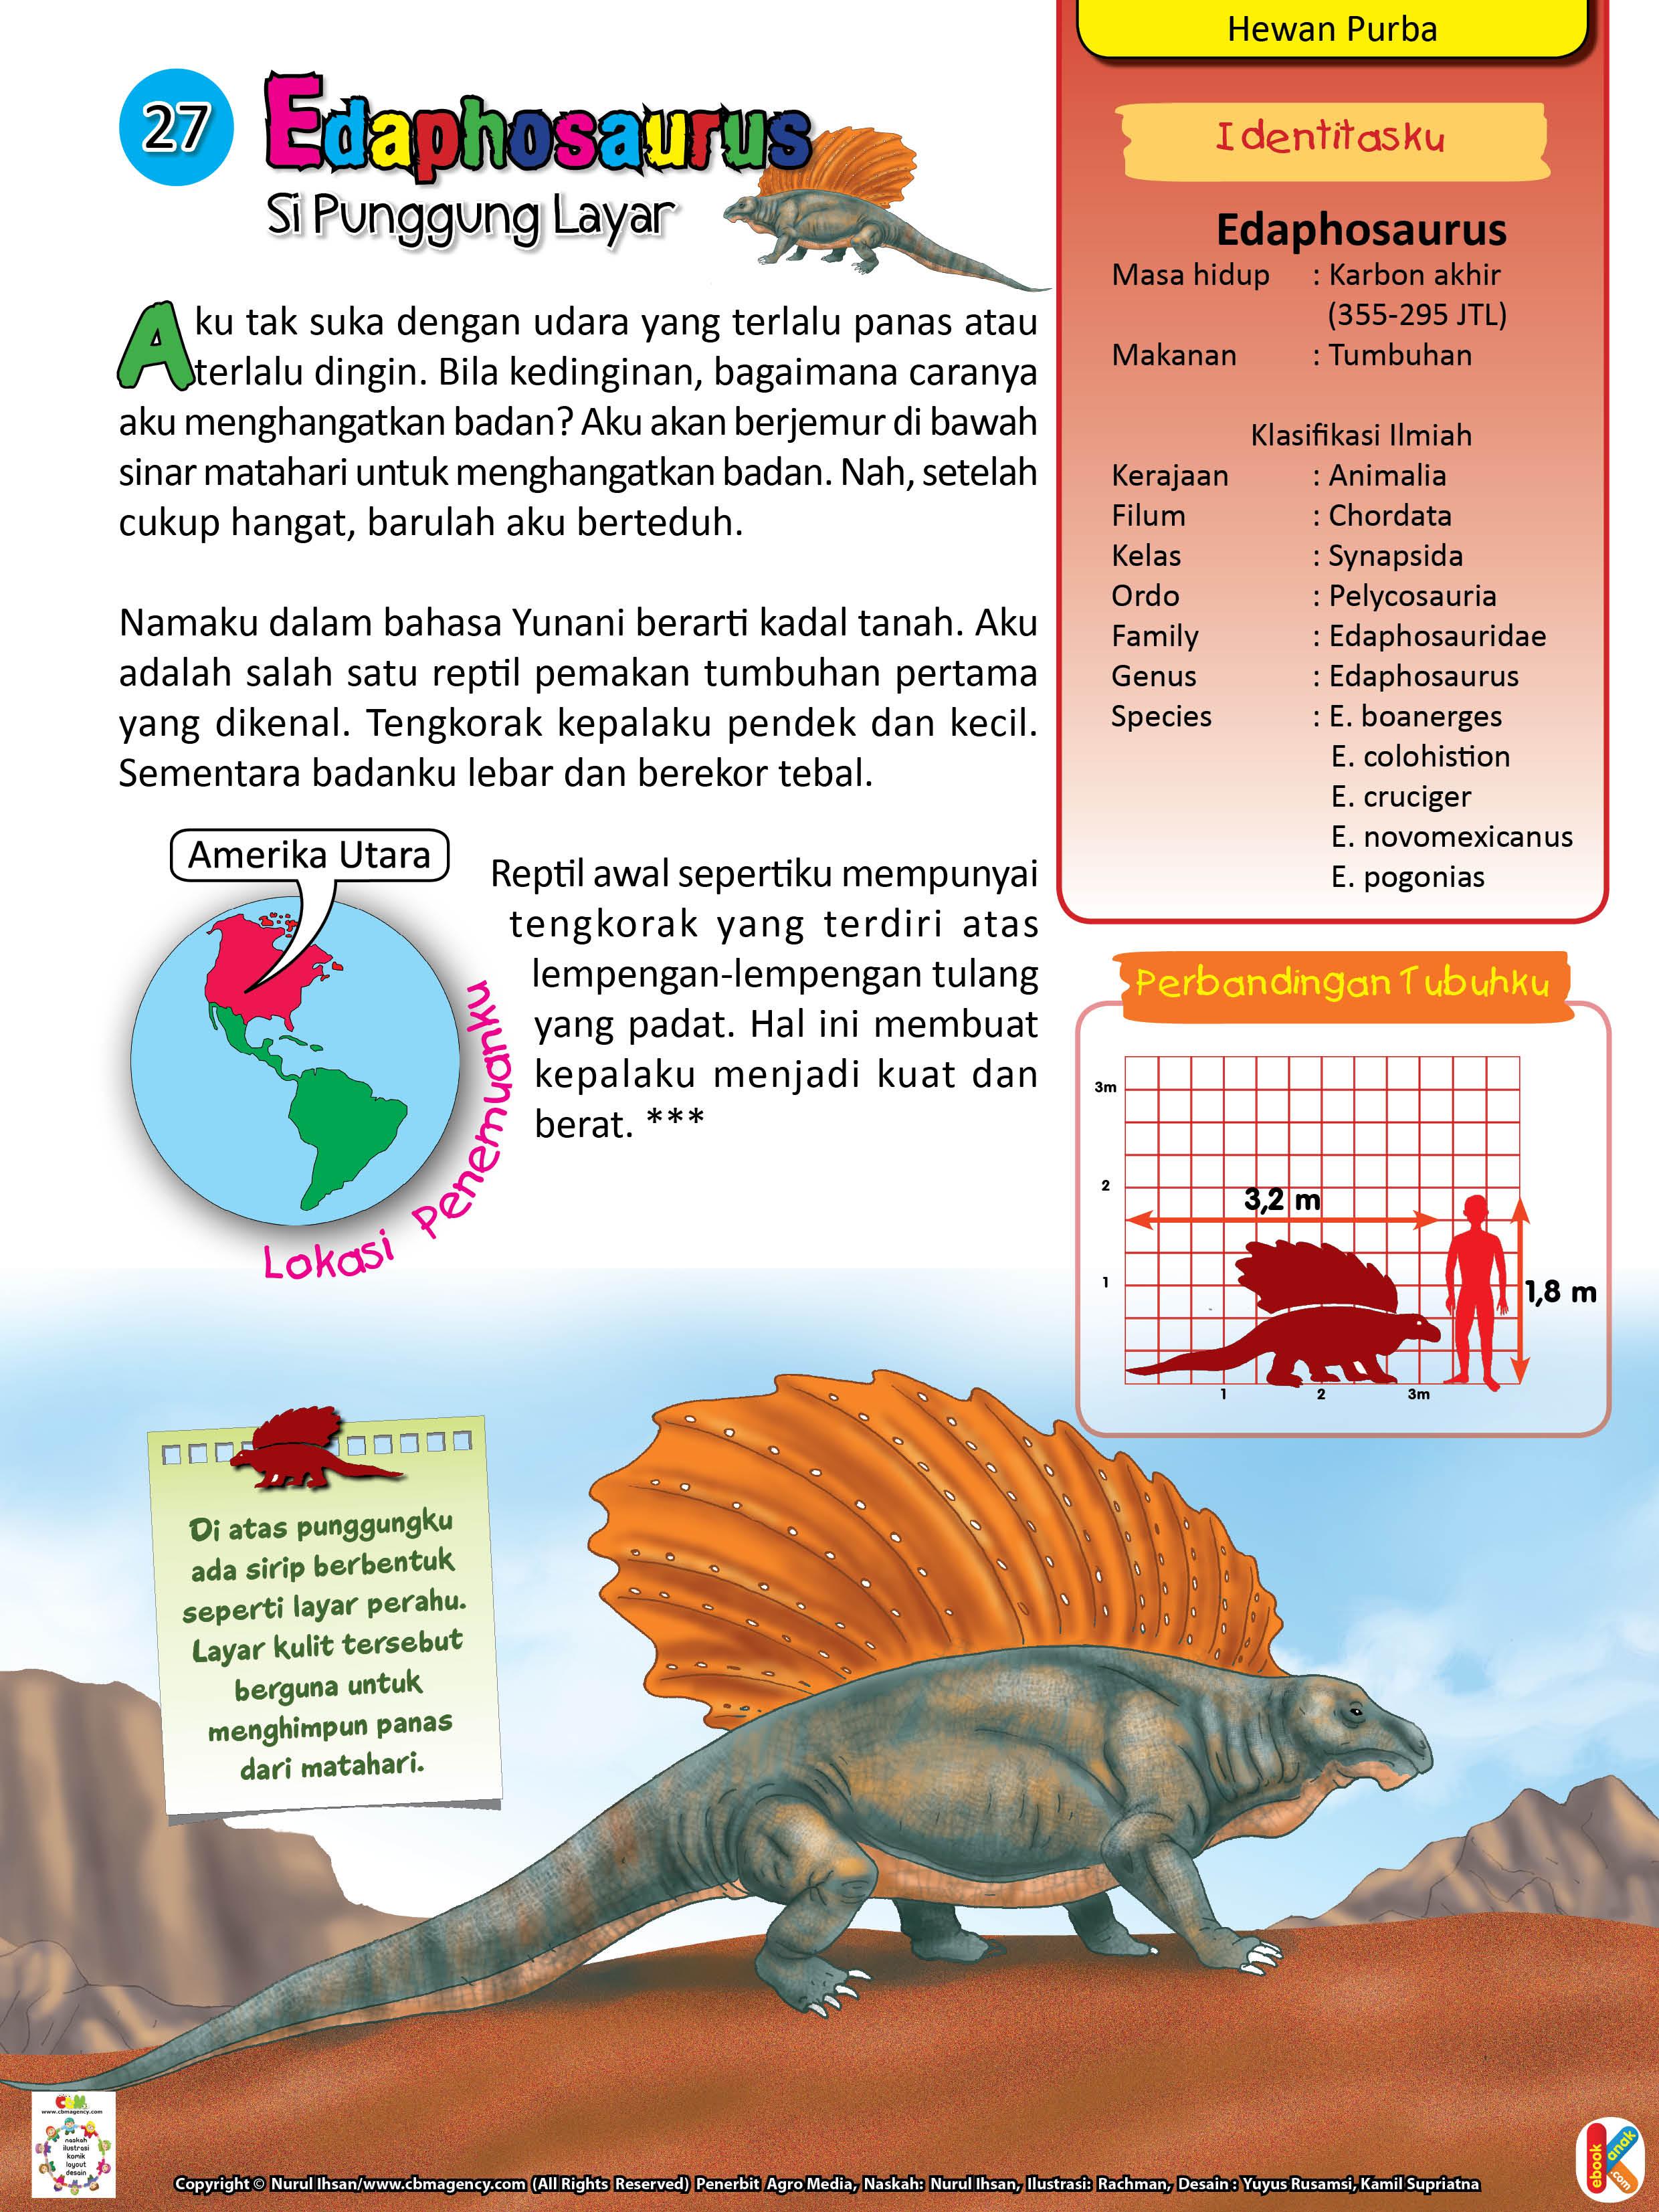 Edaphosaurus suka berjemur